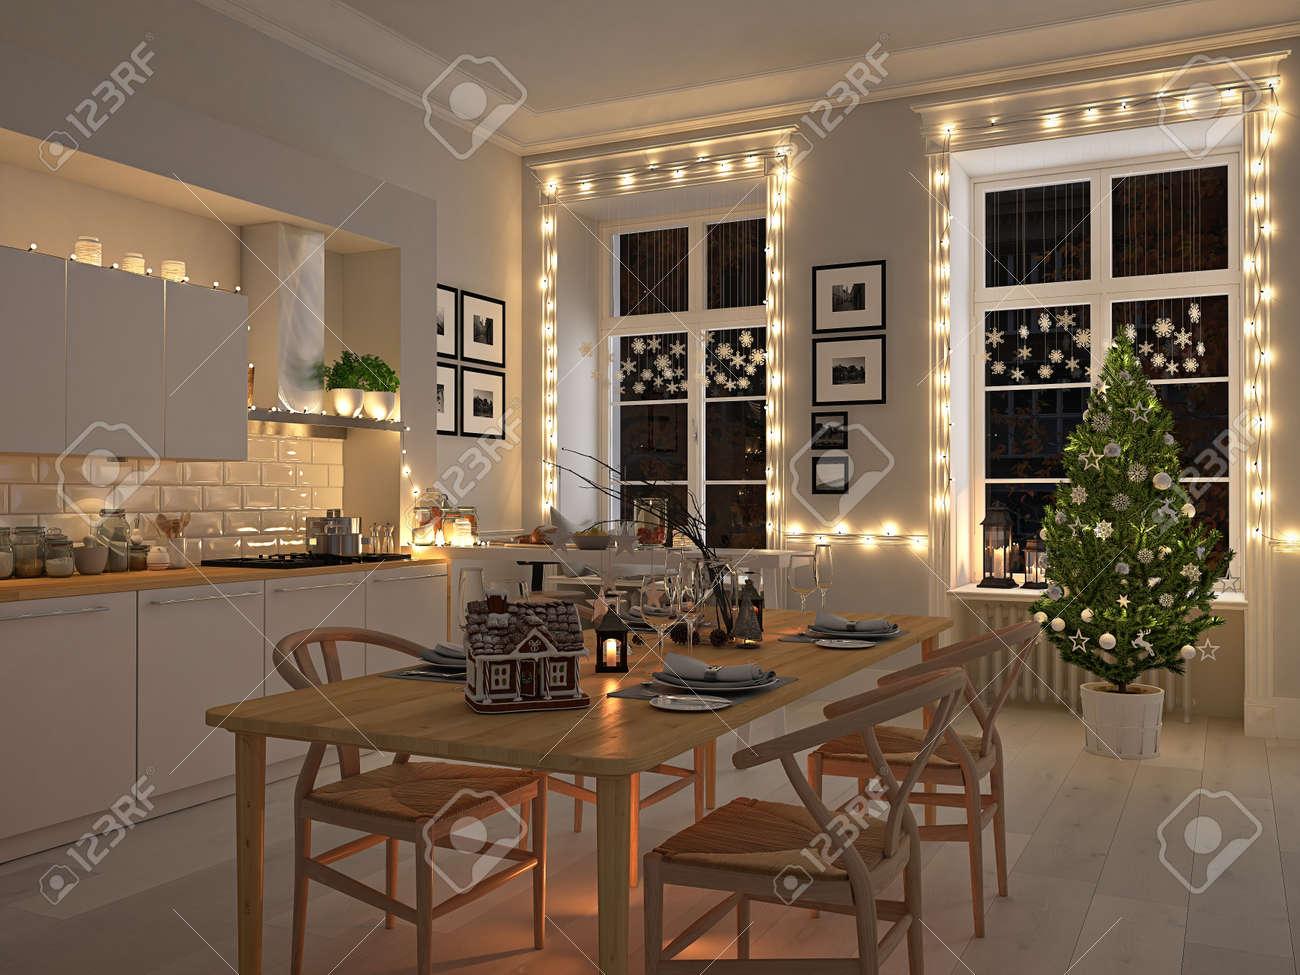 Rendu 20d. cuisine nordique avec décoration de Noël.